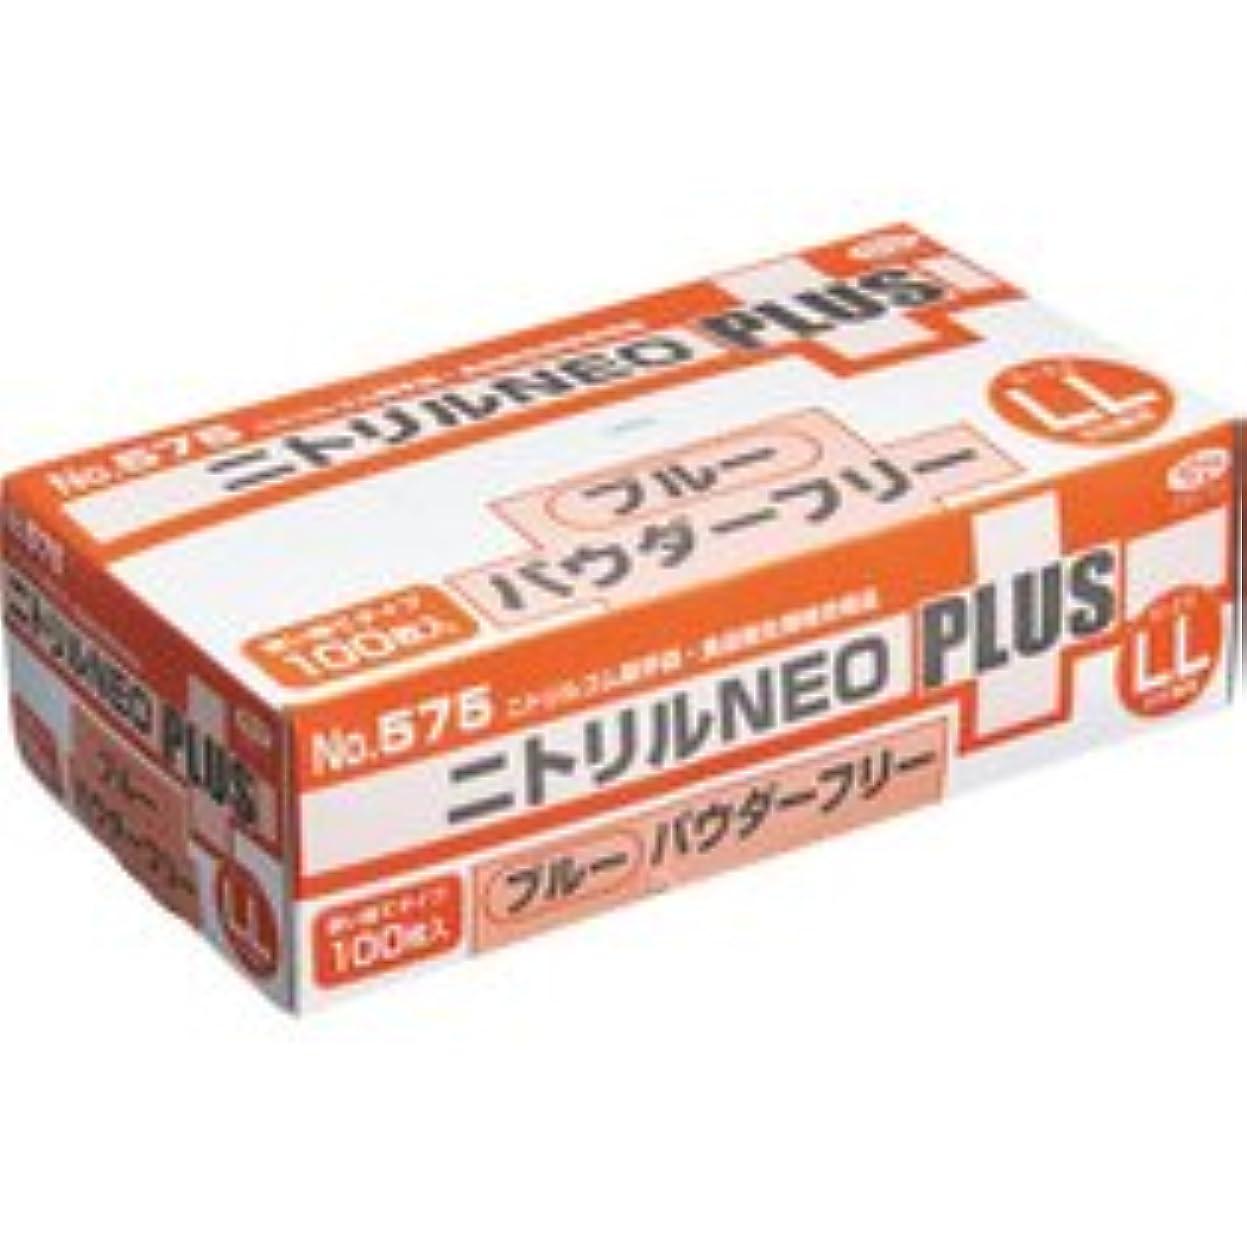 実質的地震混乱エブノ ニトリルNEOプラス パウダーフリー ブルー LL NO-575 1箱(100枚)